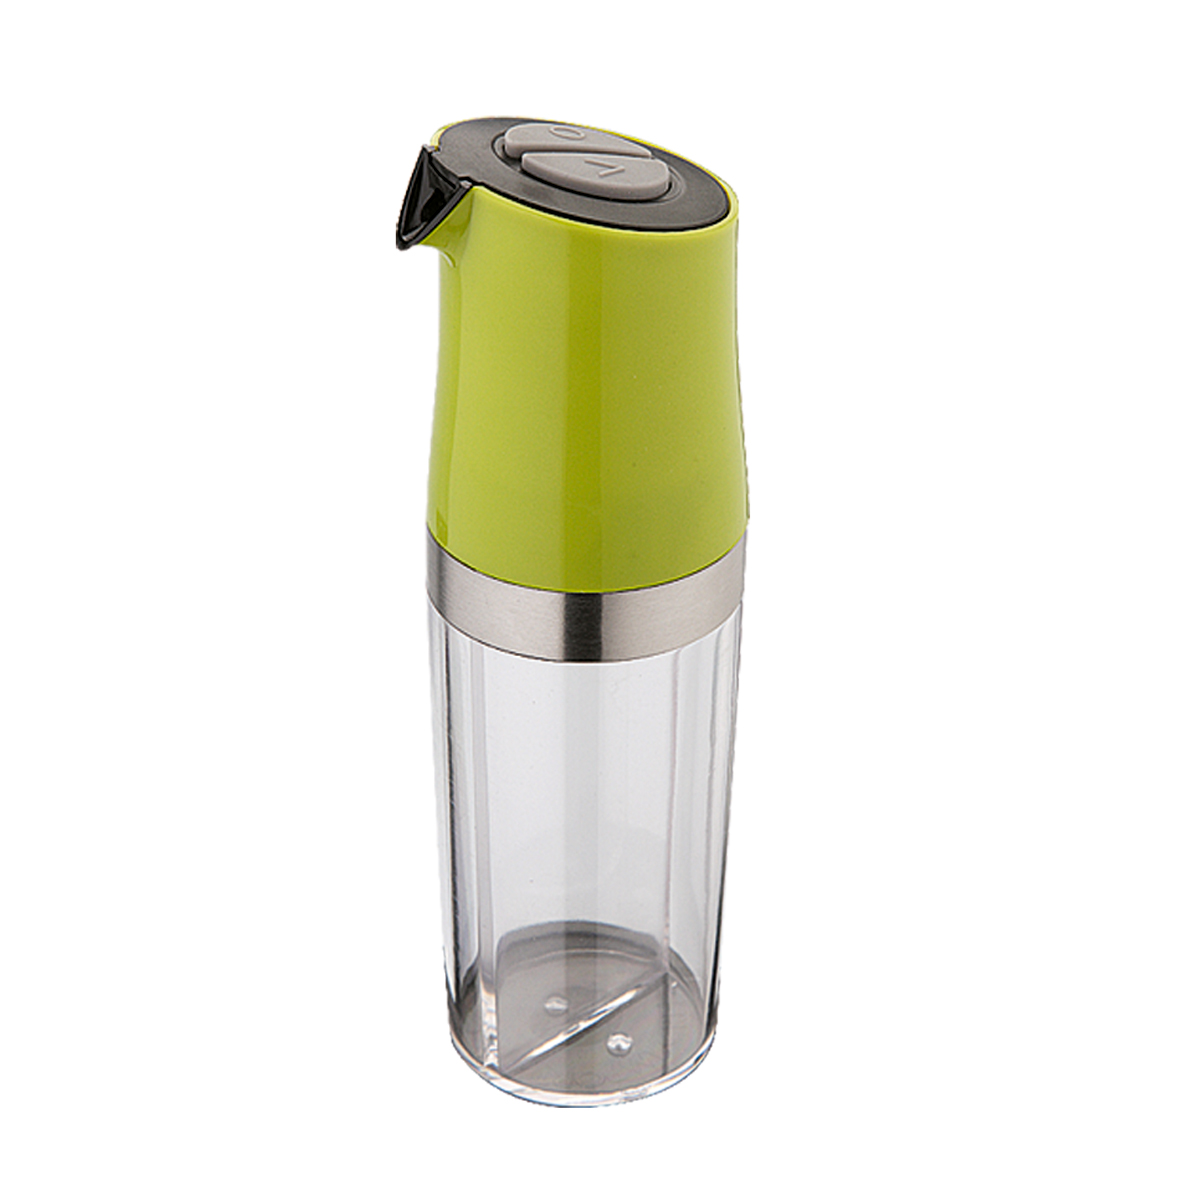 Емкость для масла и уксуса Dekok с дозатором, цвет: прозрачный, фисташковыйSJ-50Емкость для масла и уксуса Dekok изготовлена из высококачественного пластика и стали и оснащена специальным дозатором-разбрызгивателем. Она легка в использовании. Прозрачная колба имеет внутри перегородку, благодаря которой в емкости может одновременно находится и масло, и уксус. На колбе расположен дозатор, оснащенный двумя кнопками. Стоит только нажать кнопку с отметкой О - и вы будете распылять масло, а на отметку V - распылять только уксус. Быстро и просто! Оригинальная емкость будет отлично смотреться на вашей кухне.Размер емкости (с учетом дозатора): 6 см х 6 см х 19,5 см.